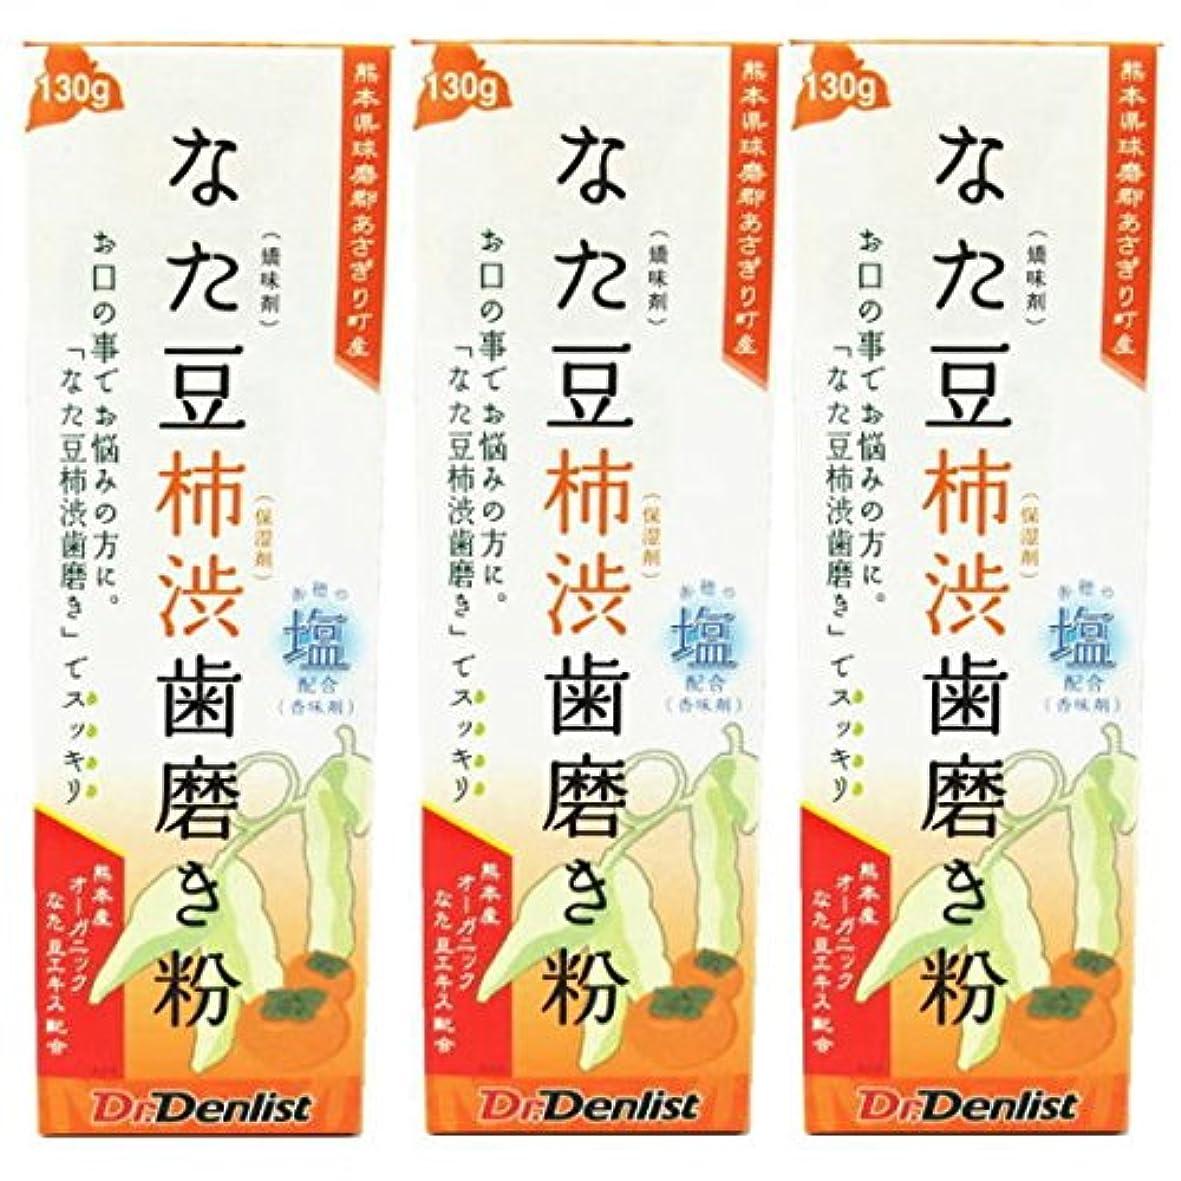 バイオリニストかなりスリラーなた豆柿渋歯磨き 130g 3個セット 国産 有機なた豆使用 赤穂の塩配合(香味剤)